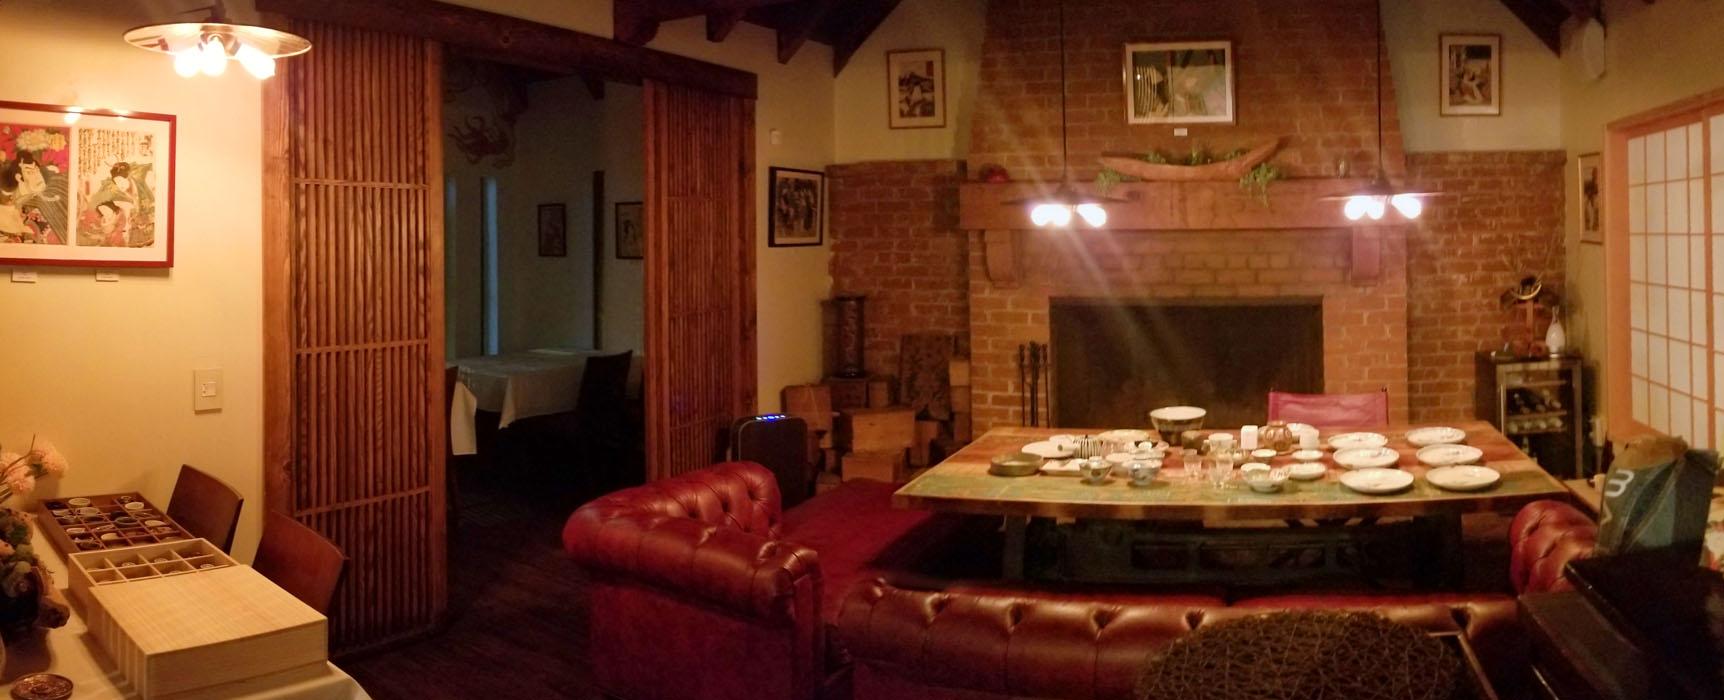 Gozen Interior: Front Dining Area